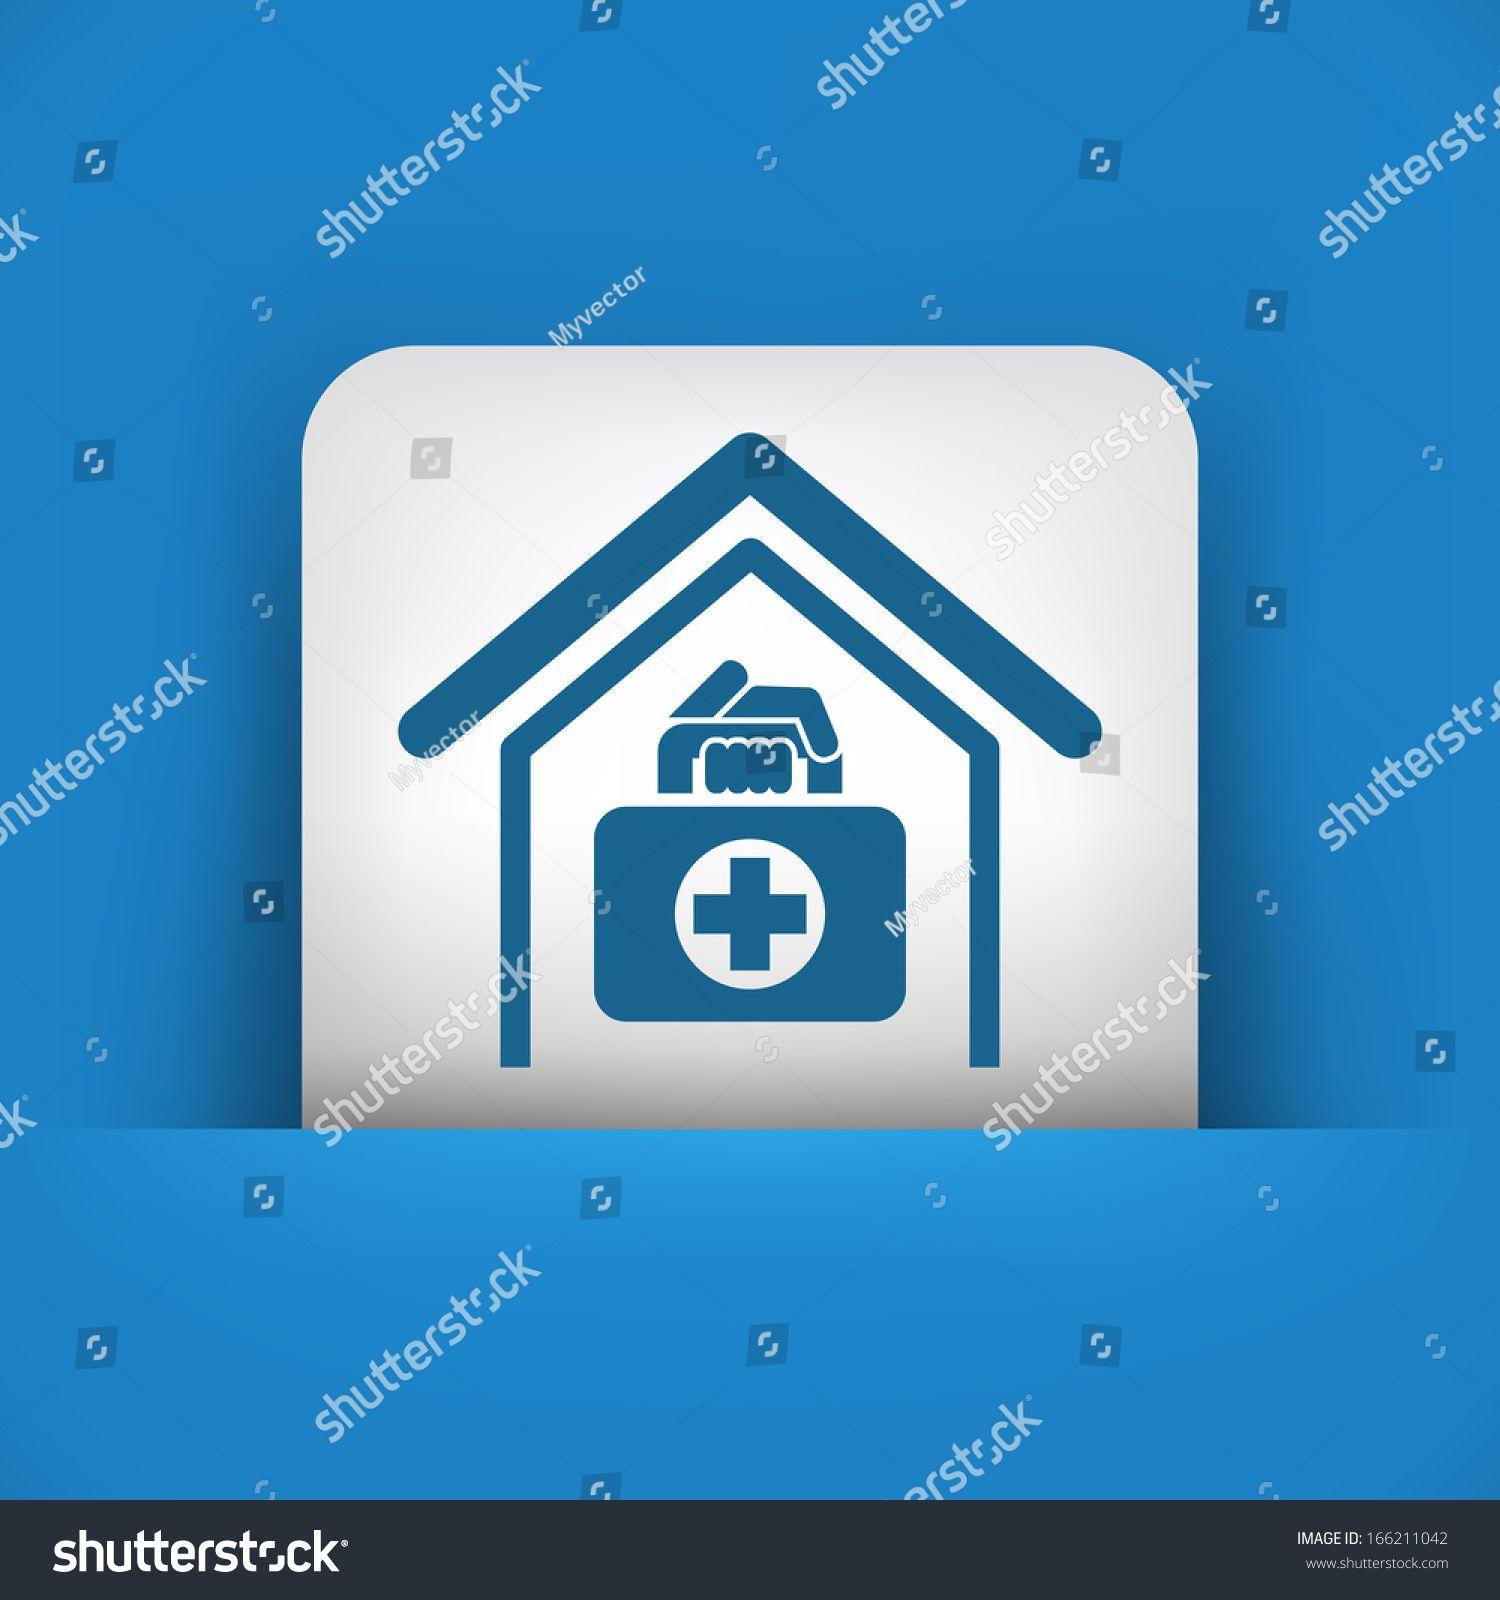 Medical to domicile #Ad , #spon, #Medical#domicile  Medical